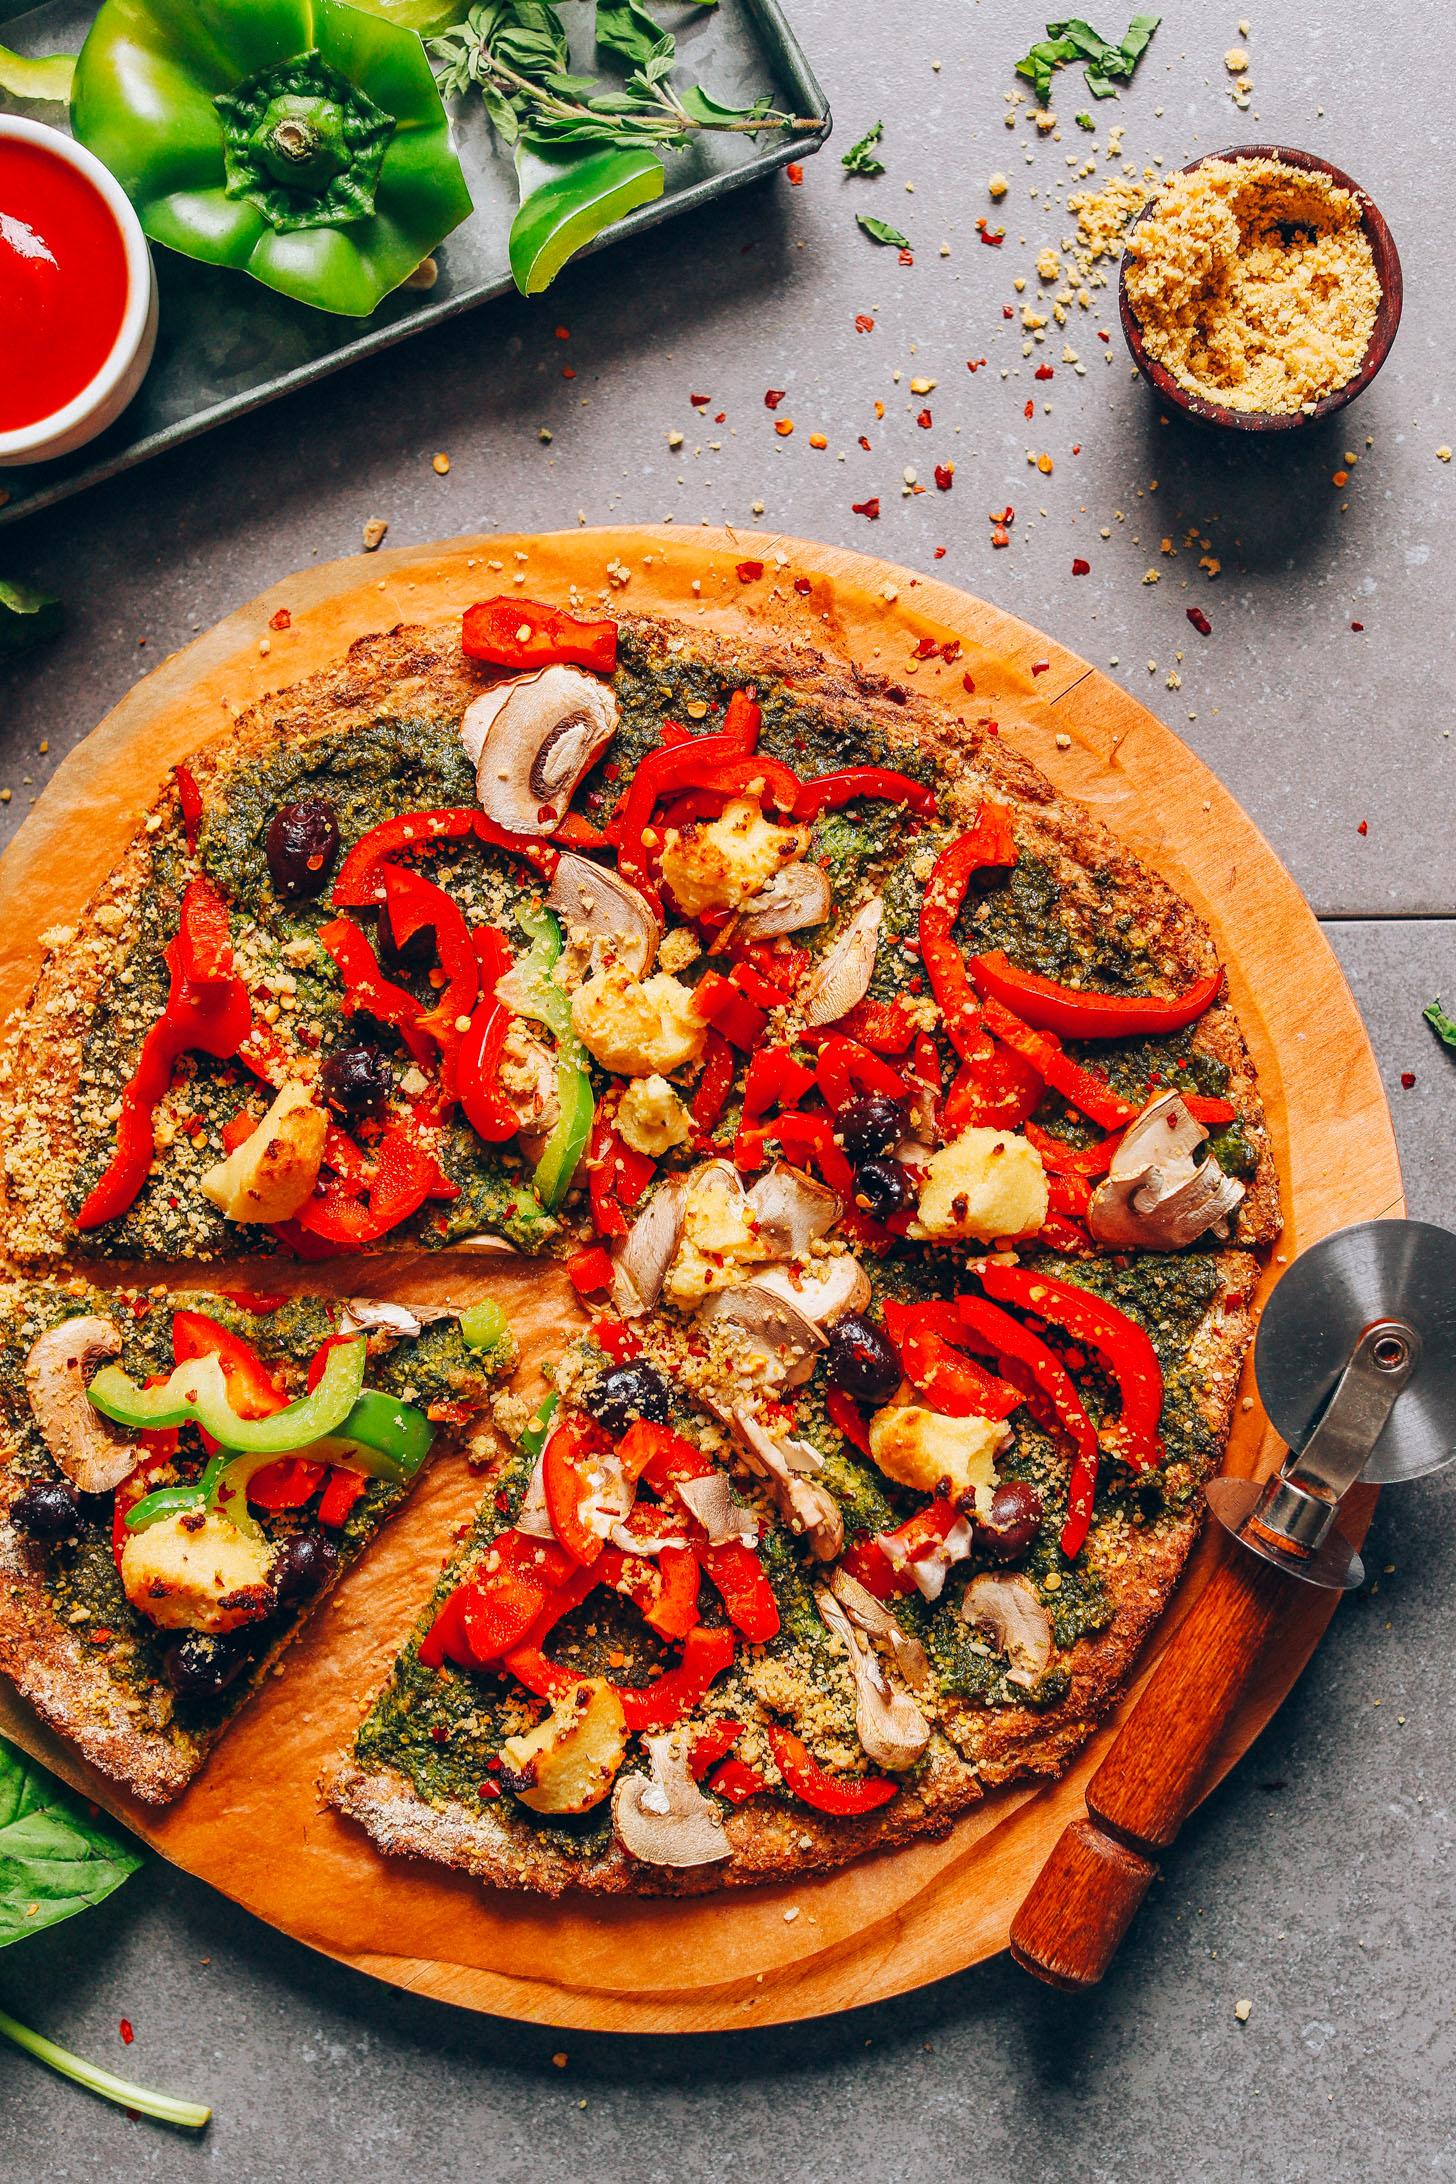 Gluten-Free Pizza With a Cauliflower Crust